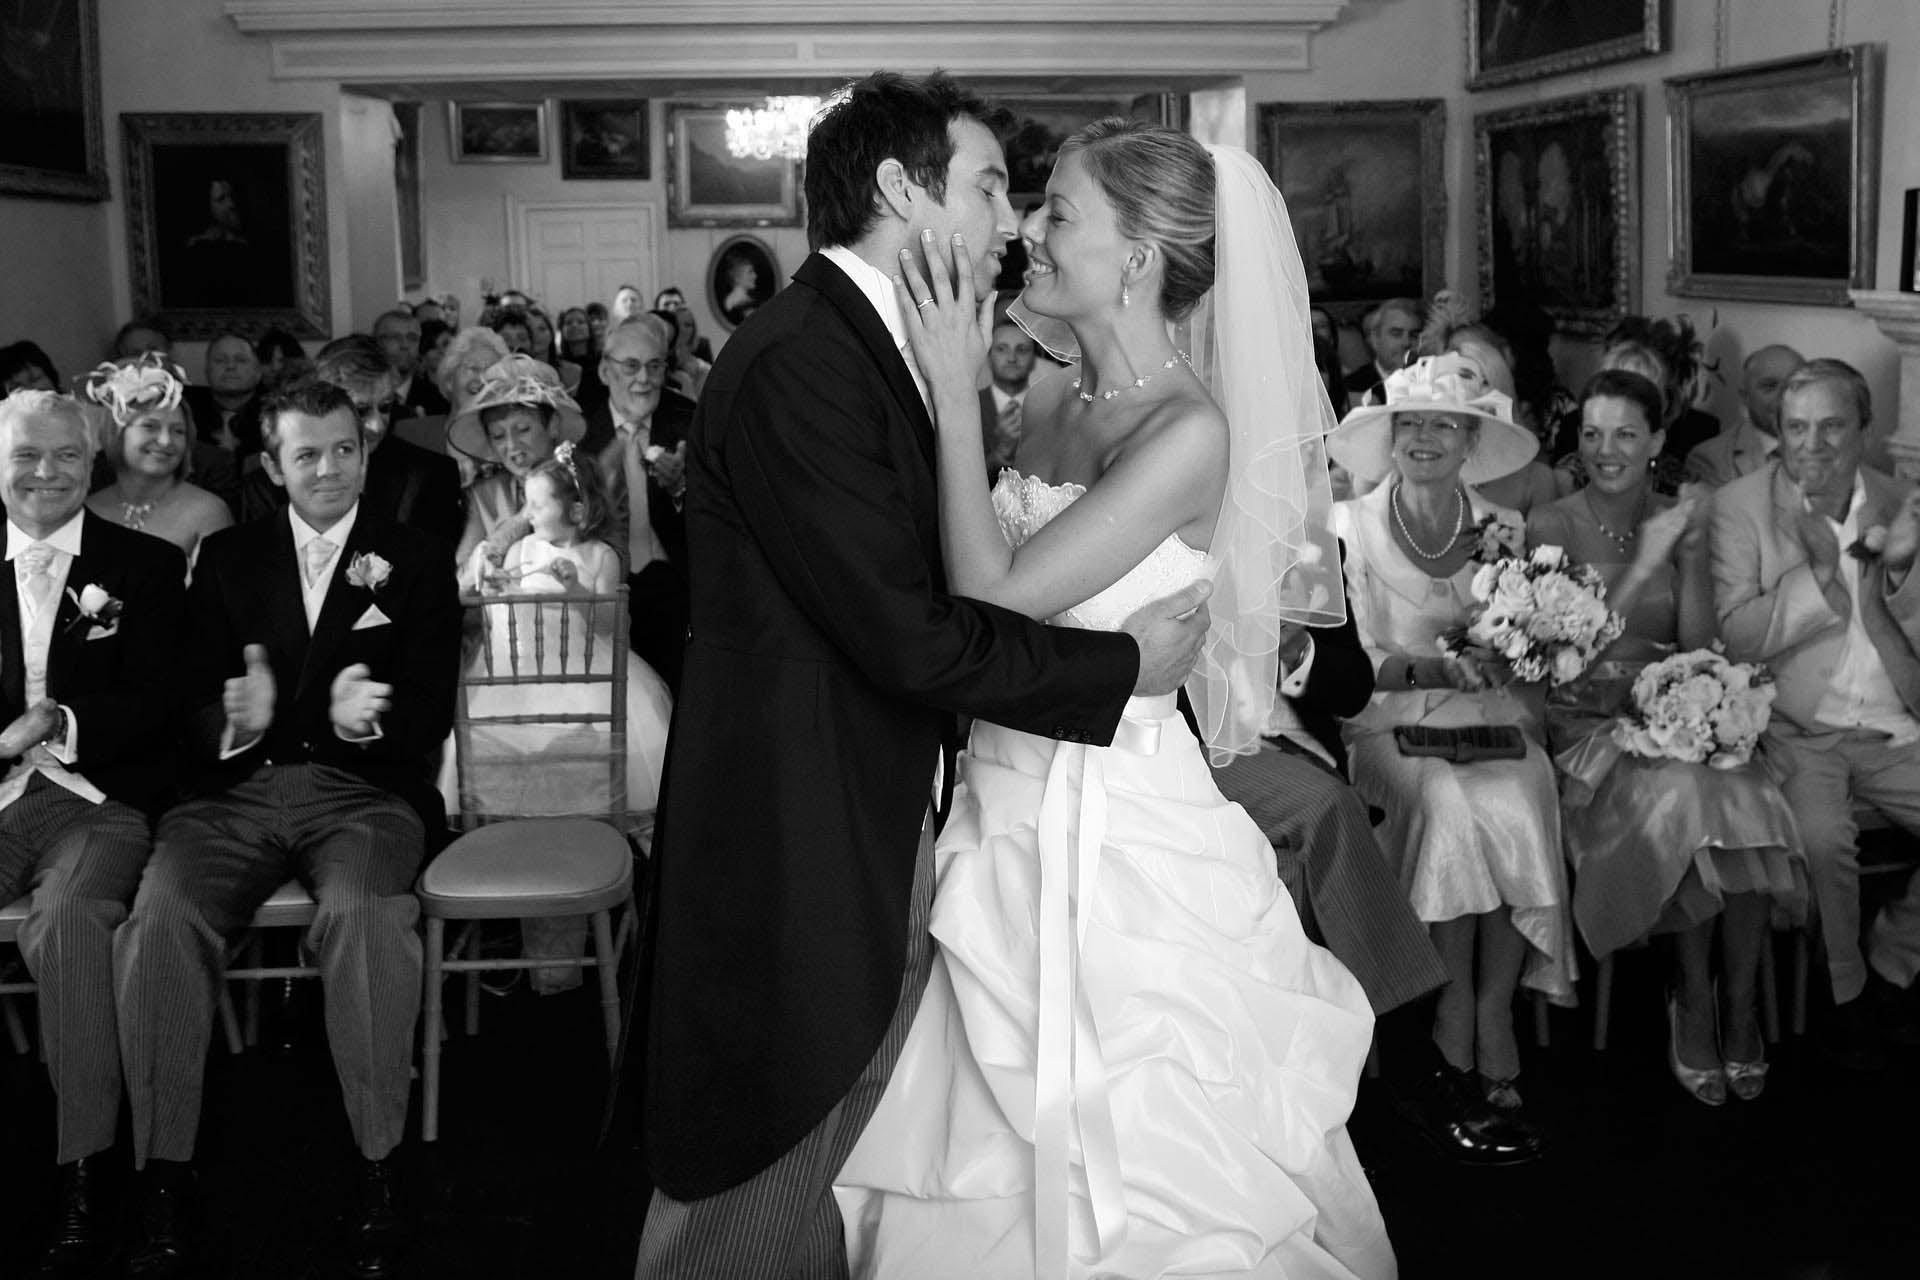 32de378320c9e6ec0b41c3c42a9edf08 Wedding at Maunsel House - Lucy & Oliver